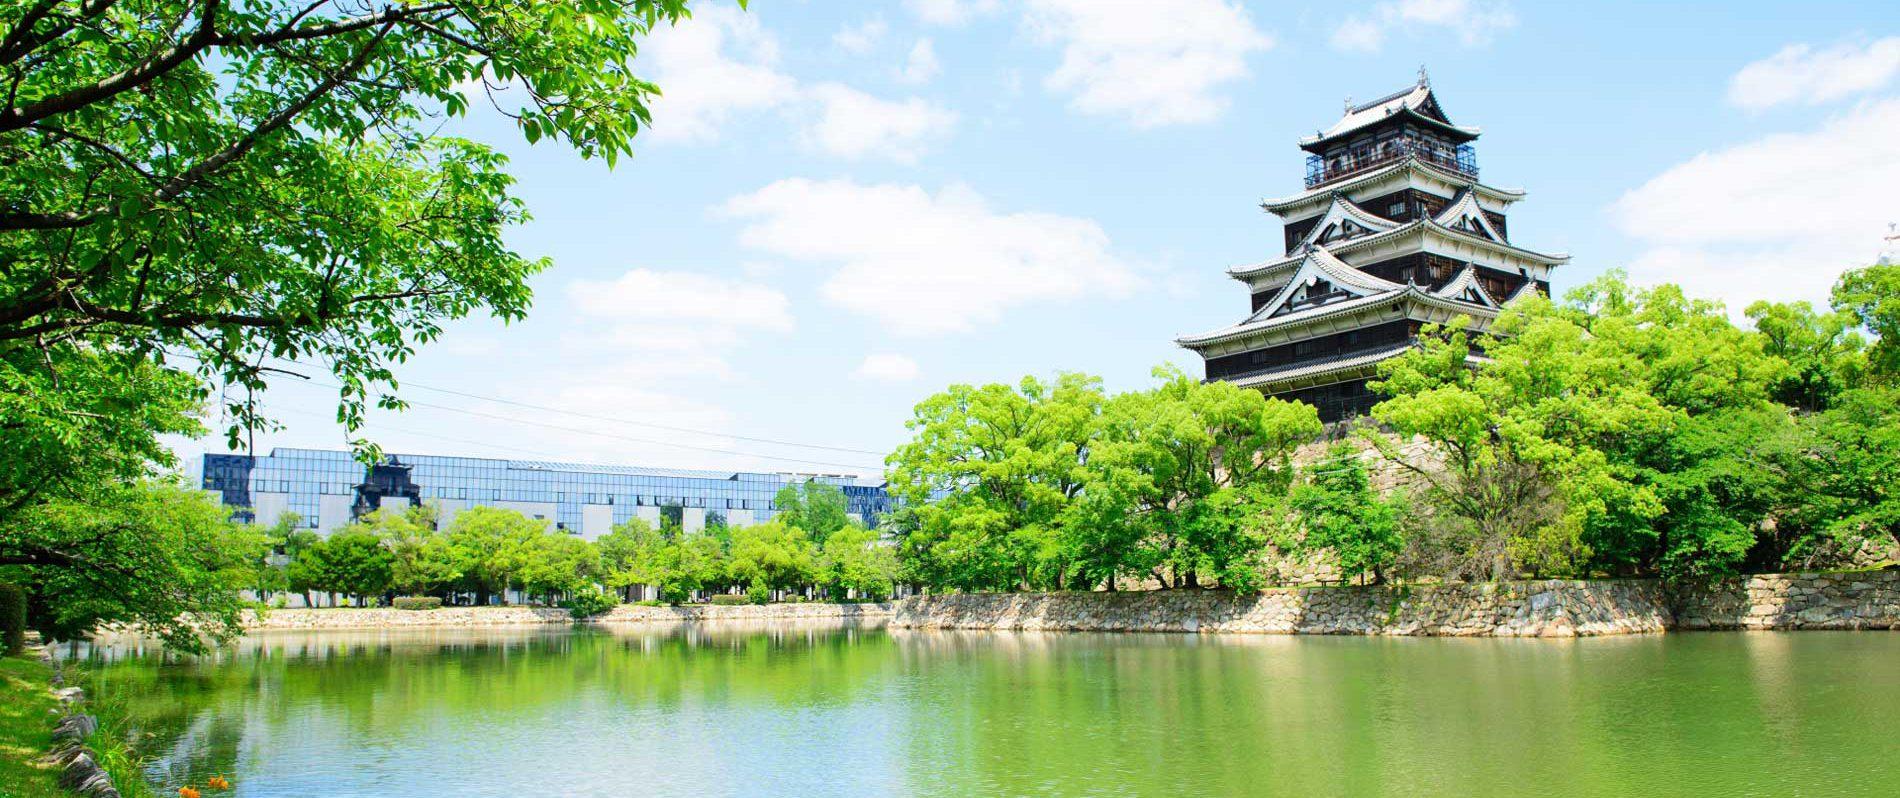 広島城がある景色